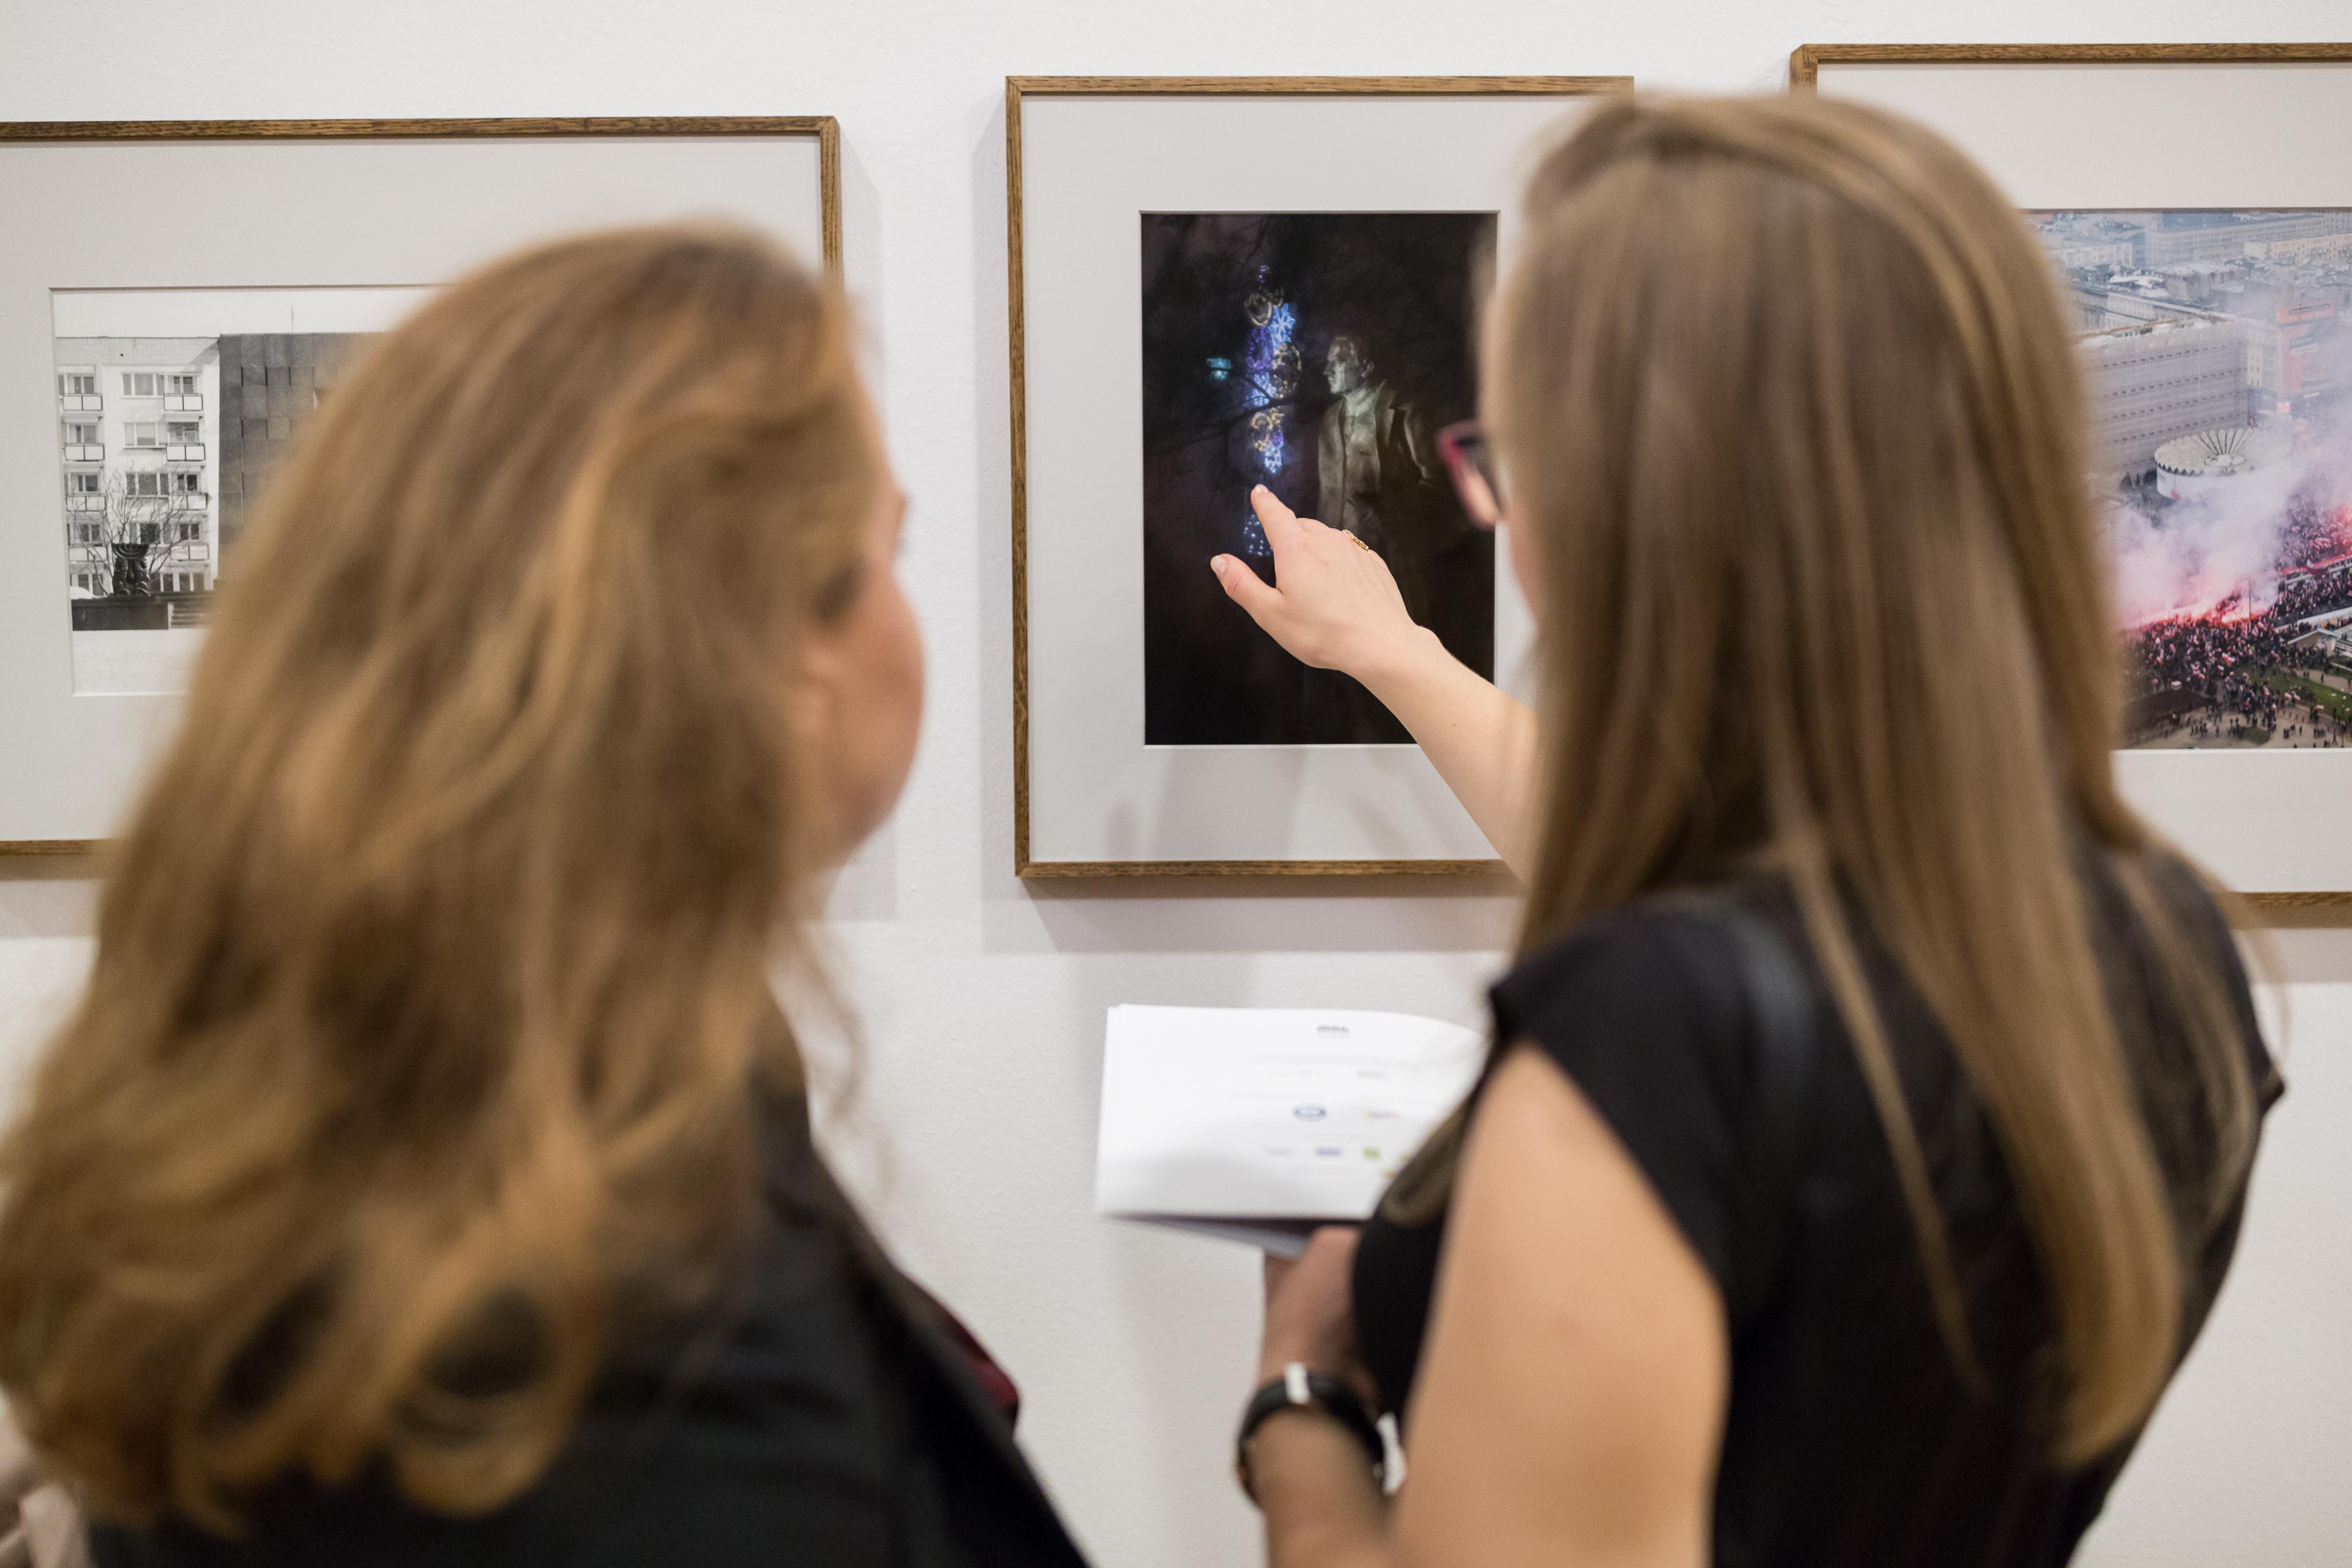 zdjęcie dwóch kobiet oglądających wystawę